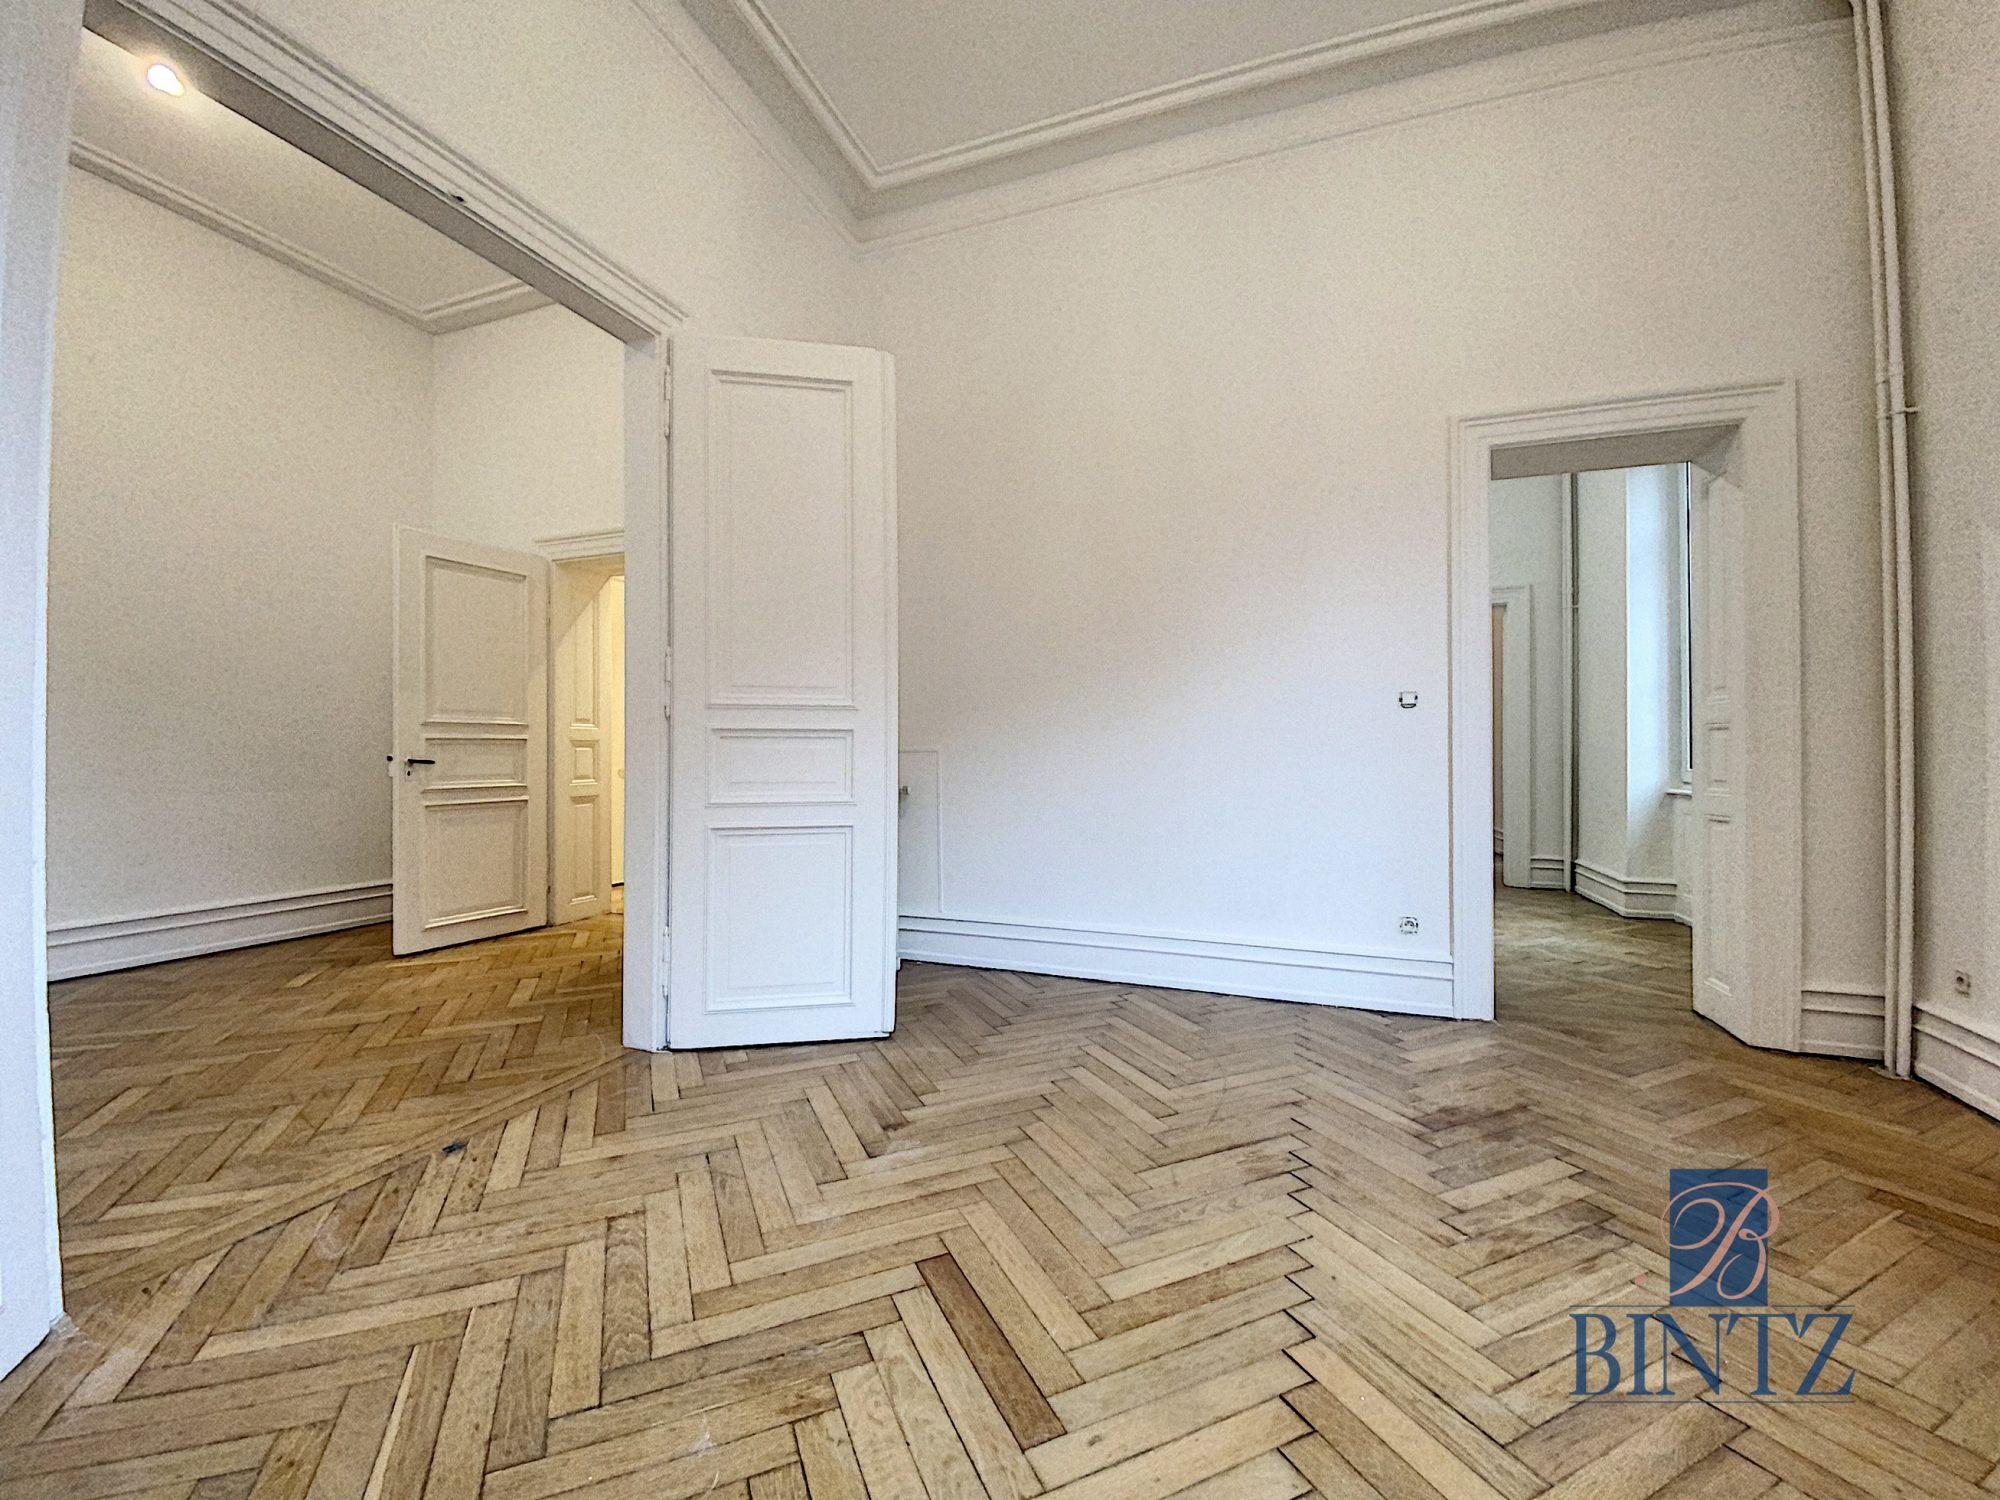 5 pièces rue Wimpheling - Devenez locataire en toute sérénité - Bintz Immobilier - 15